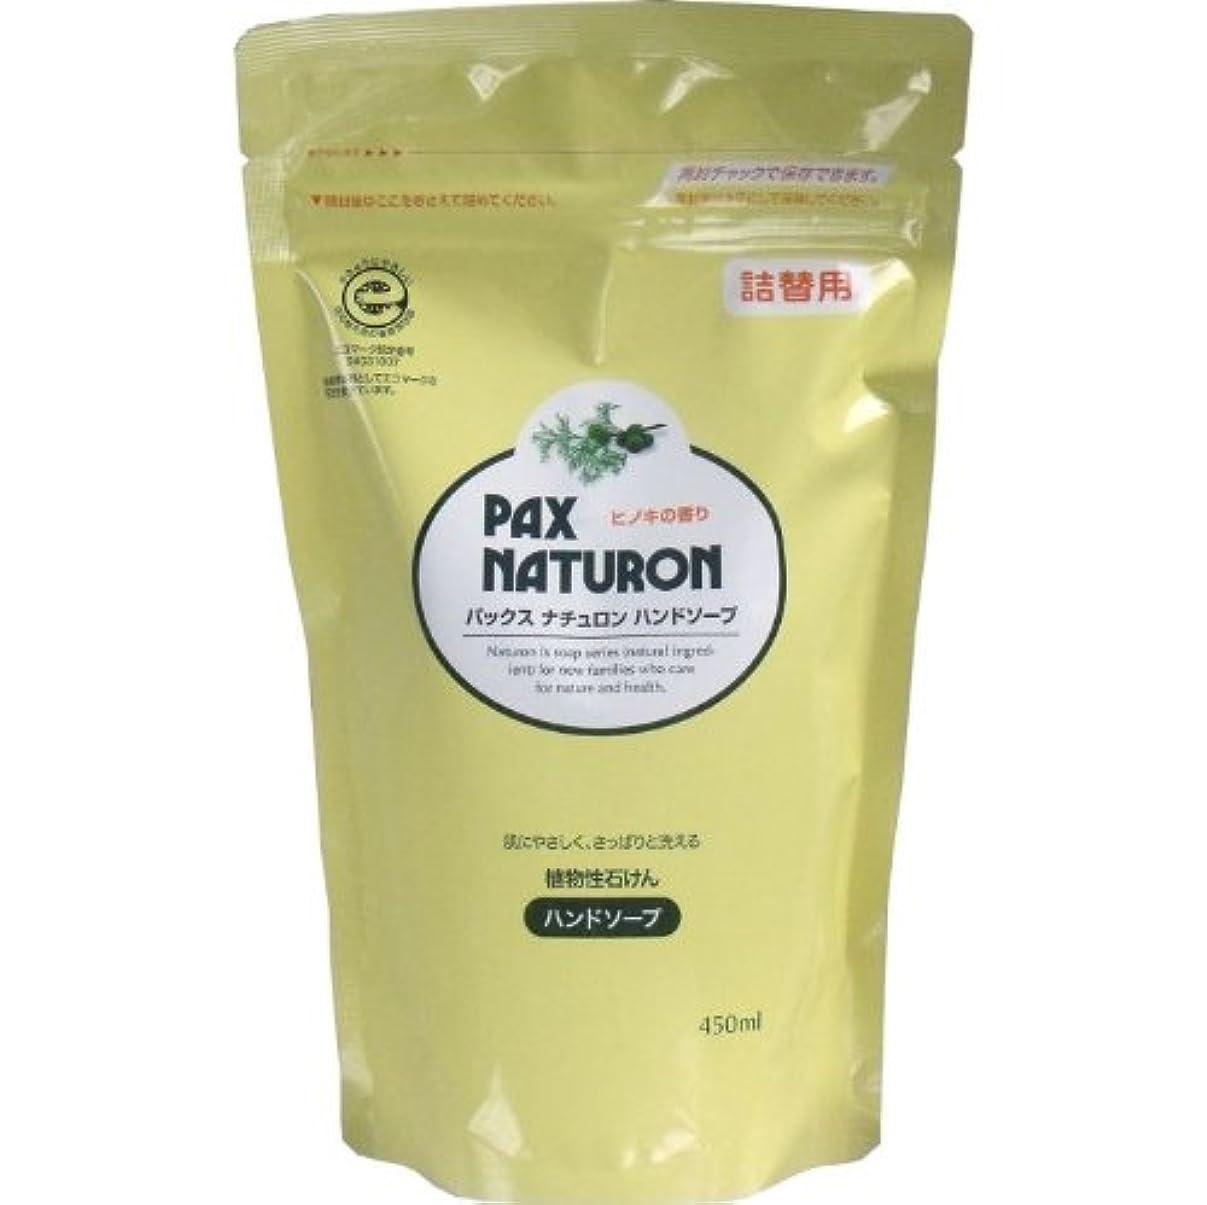 衝突する愛されし者暖かさ肌にやさしく、さっぱりと洗える植物性石けん!植物性ハンドソープ 詰替用 450mL